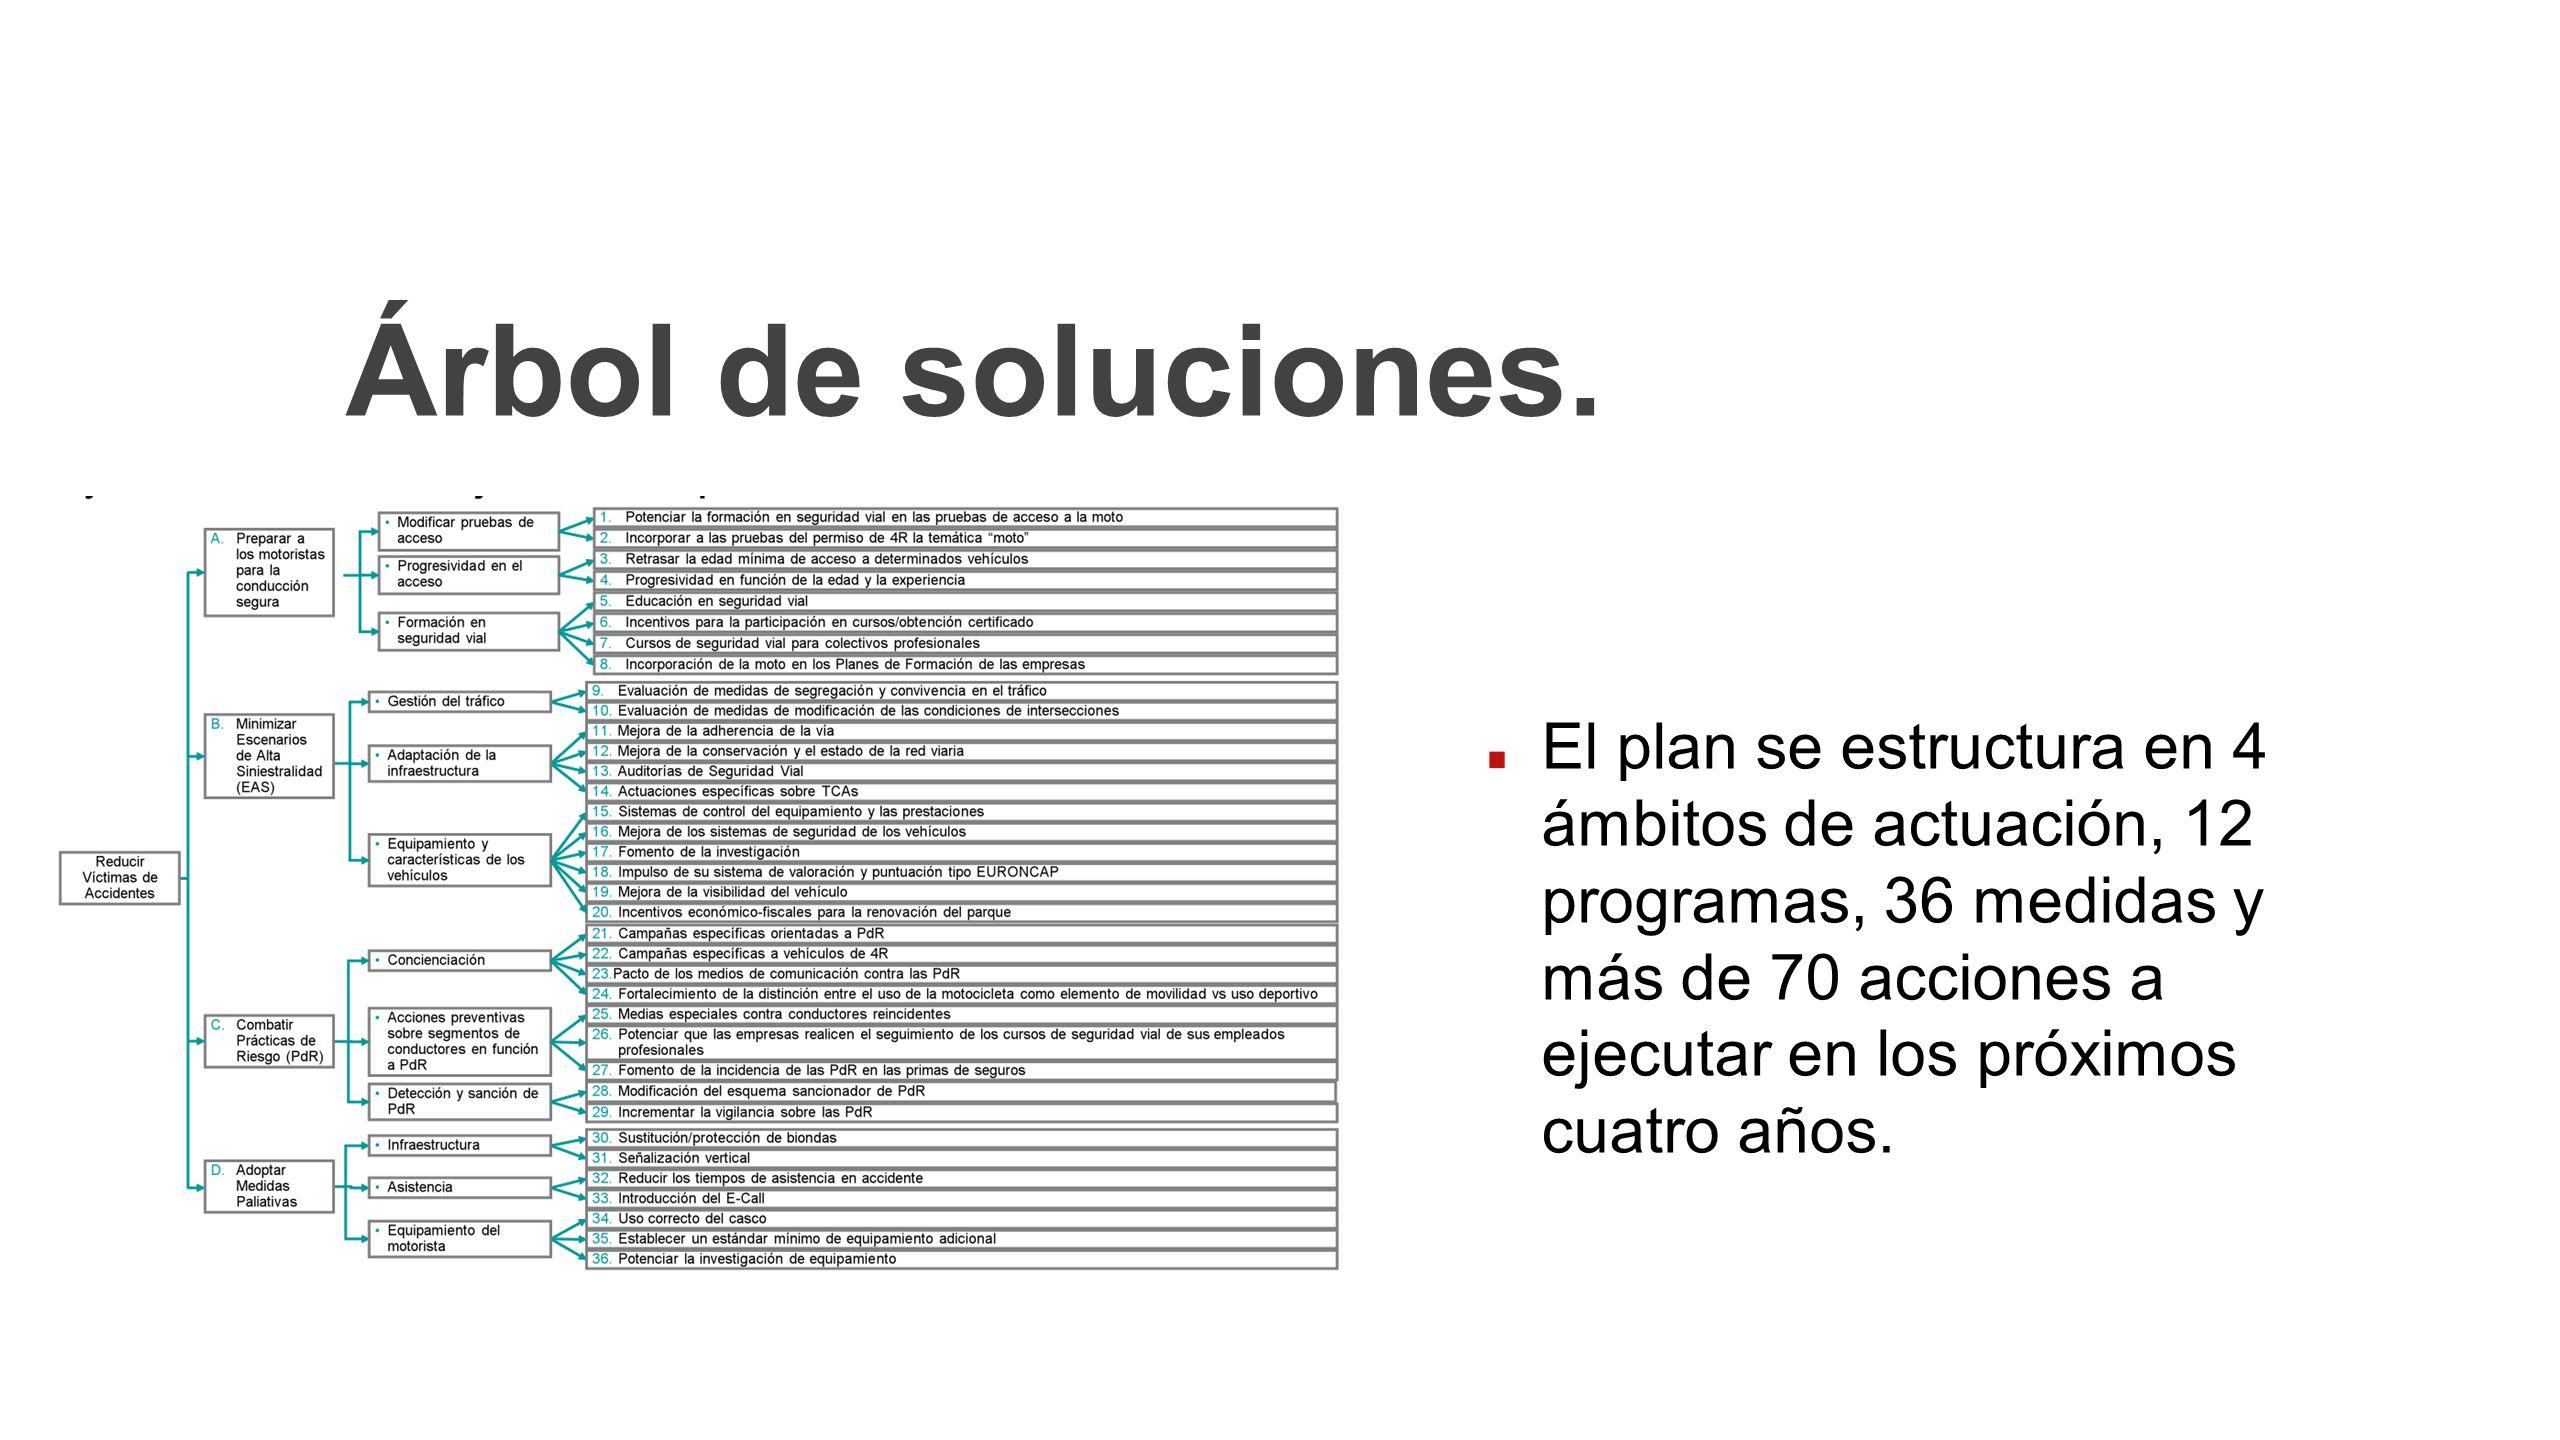 Árbol de soluciones. El plan se estructura en 4 ámbitos de actuación, 12 programas, 36 medidas y más de 70 acciones a ejecutar en los próximos cuatro